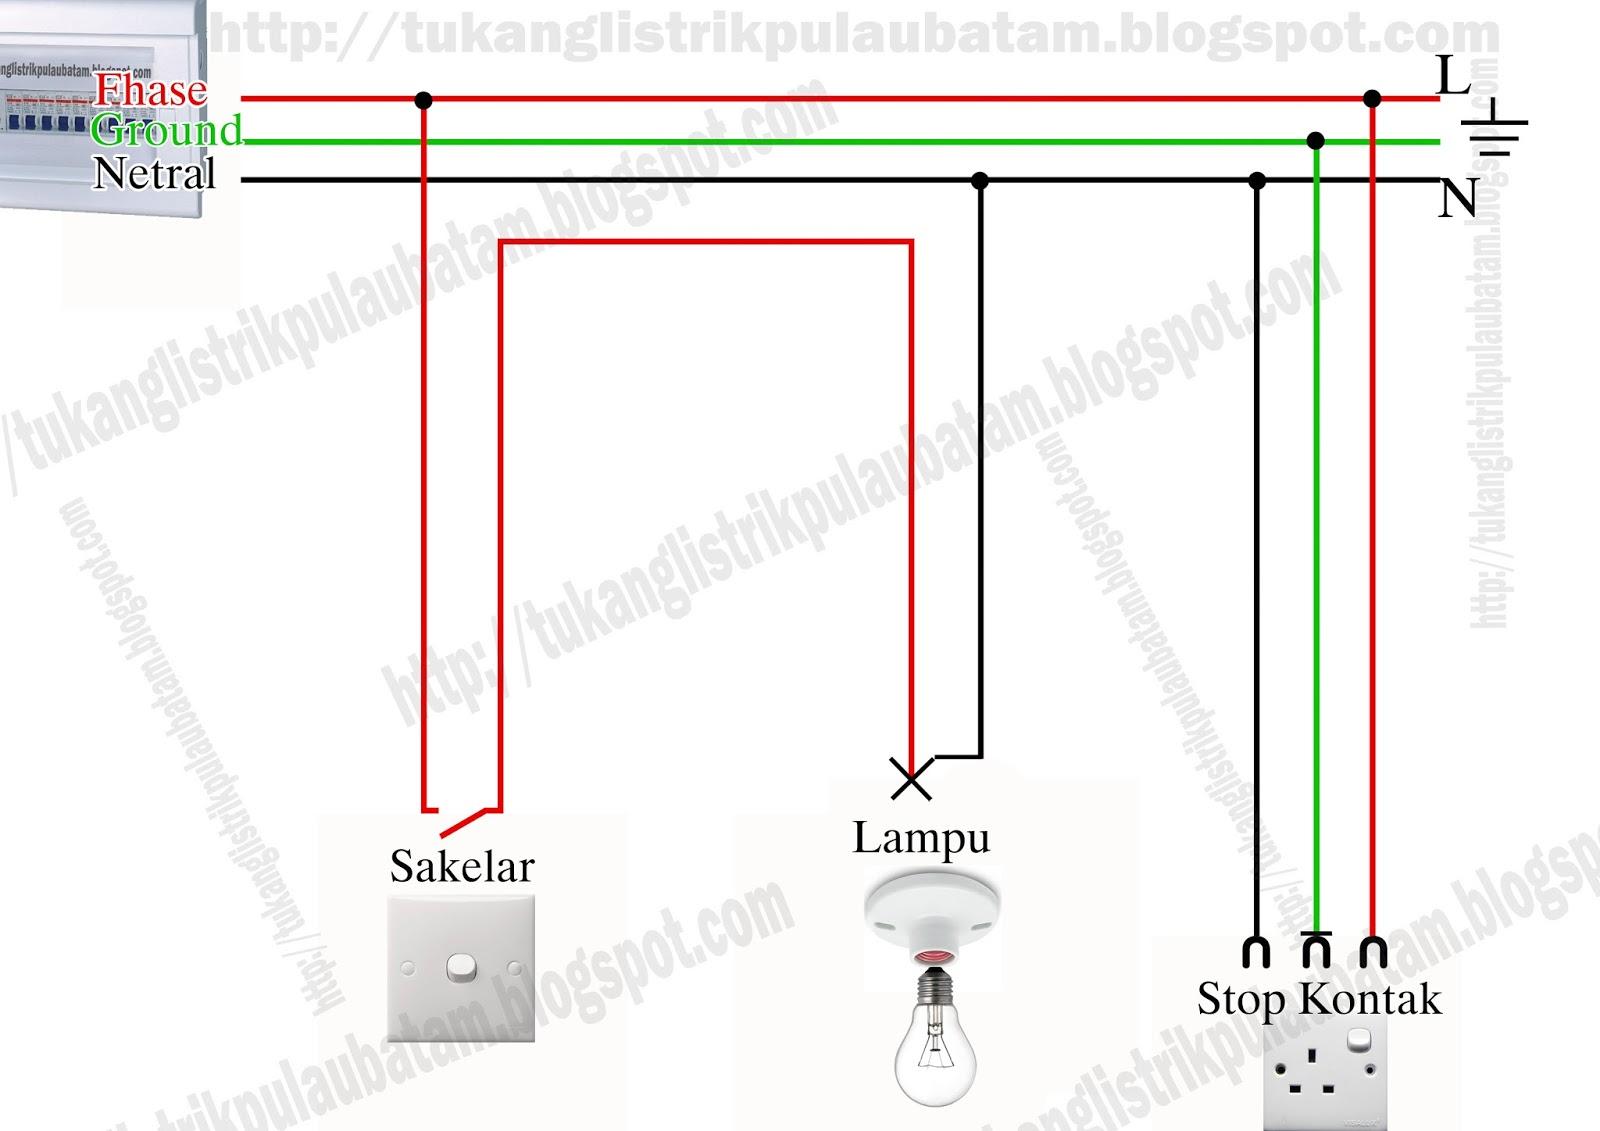 Diagram Wiring Lampu Rumah Manual Of Pendaflour Cara Memasang Stop Kontak Switch Saklar Dan Fitting Rh Tukanglistrikpulaubatam Blogspot Com